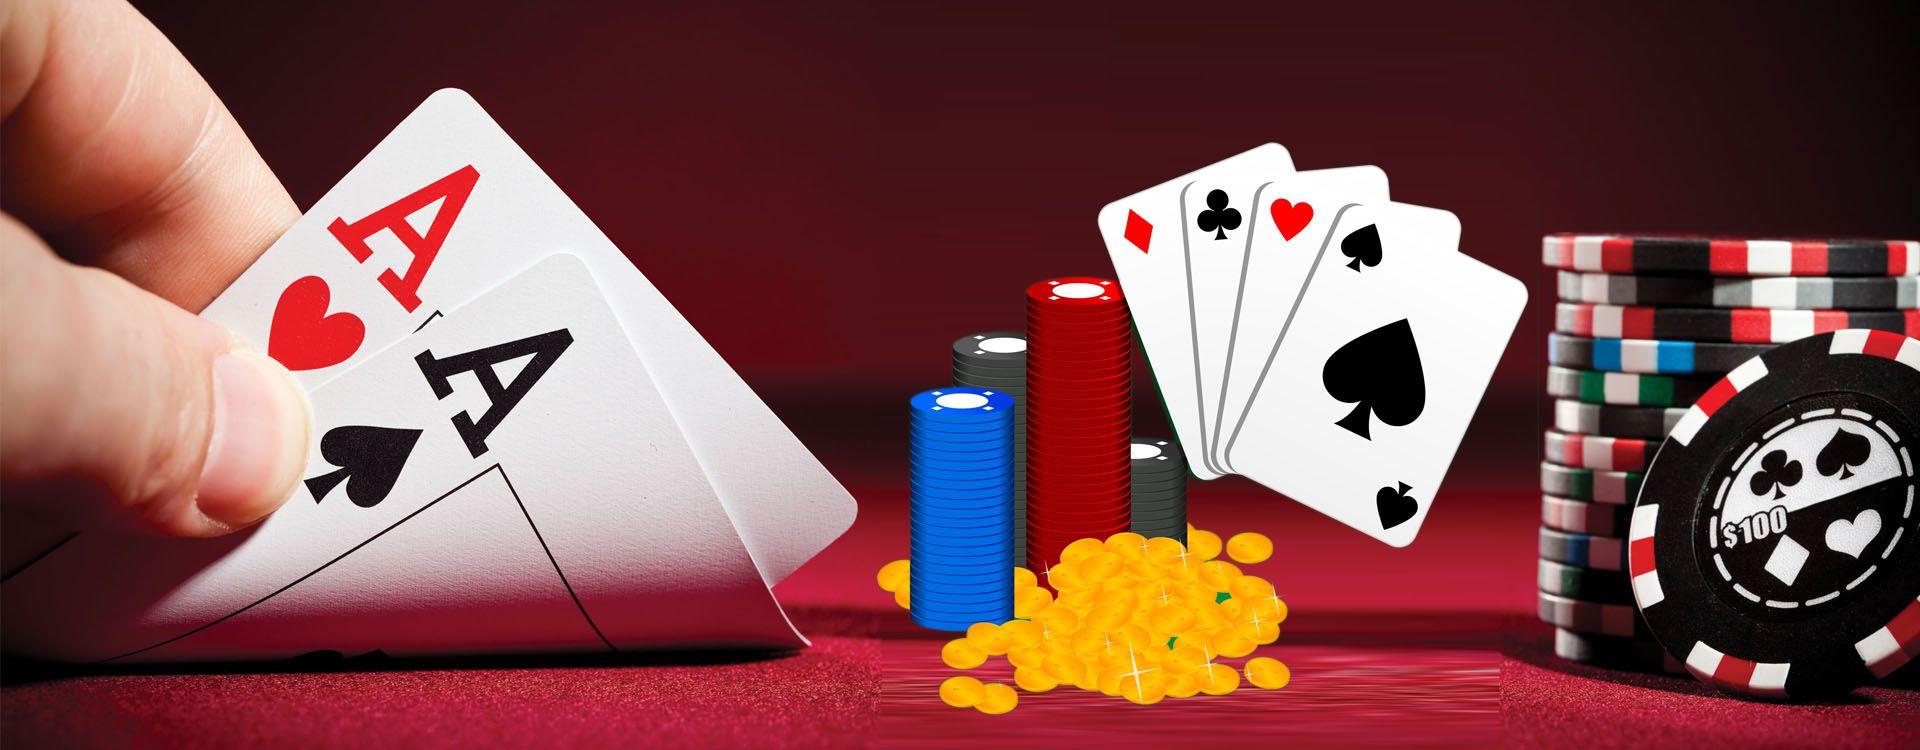 Pin by Suman Roy on Blog | Poker bonus, Poker games, Playing